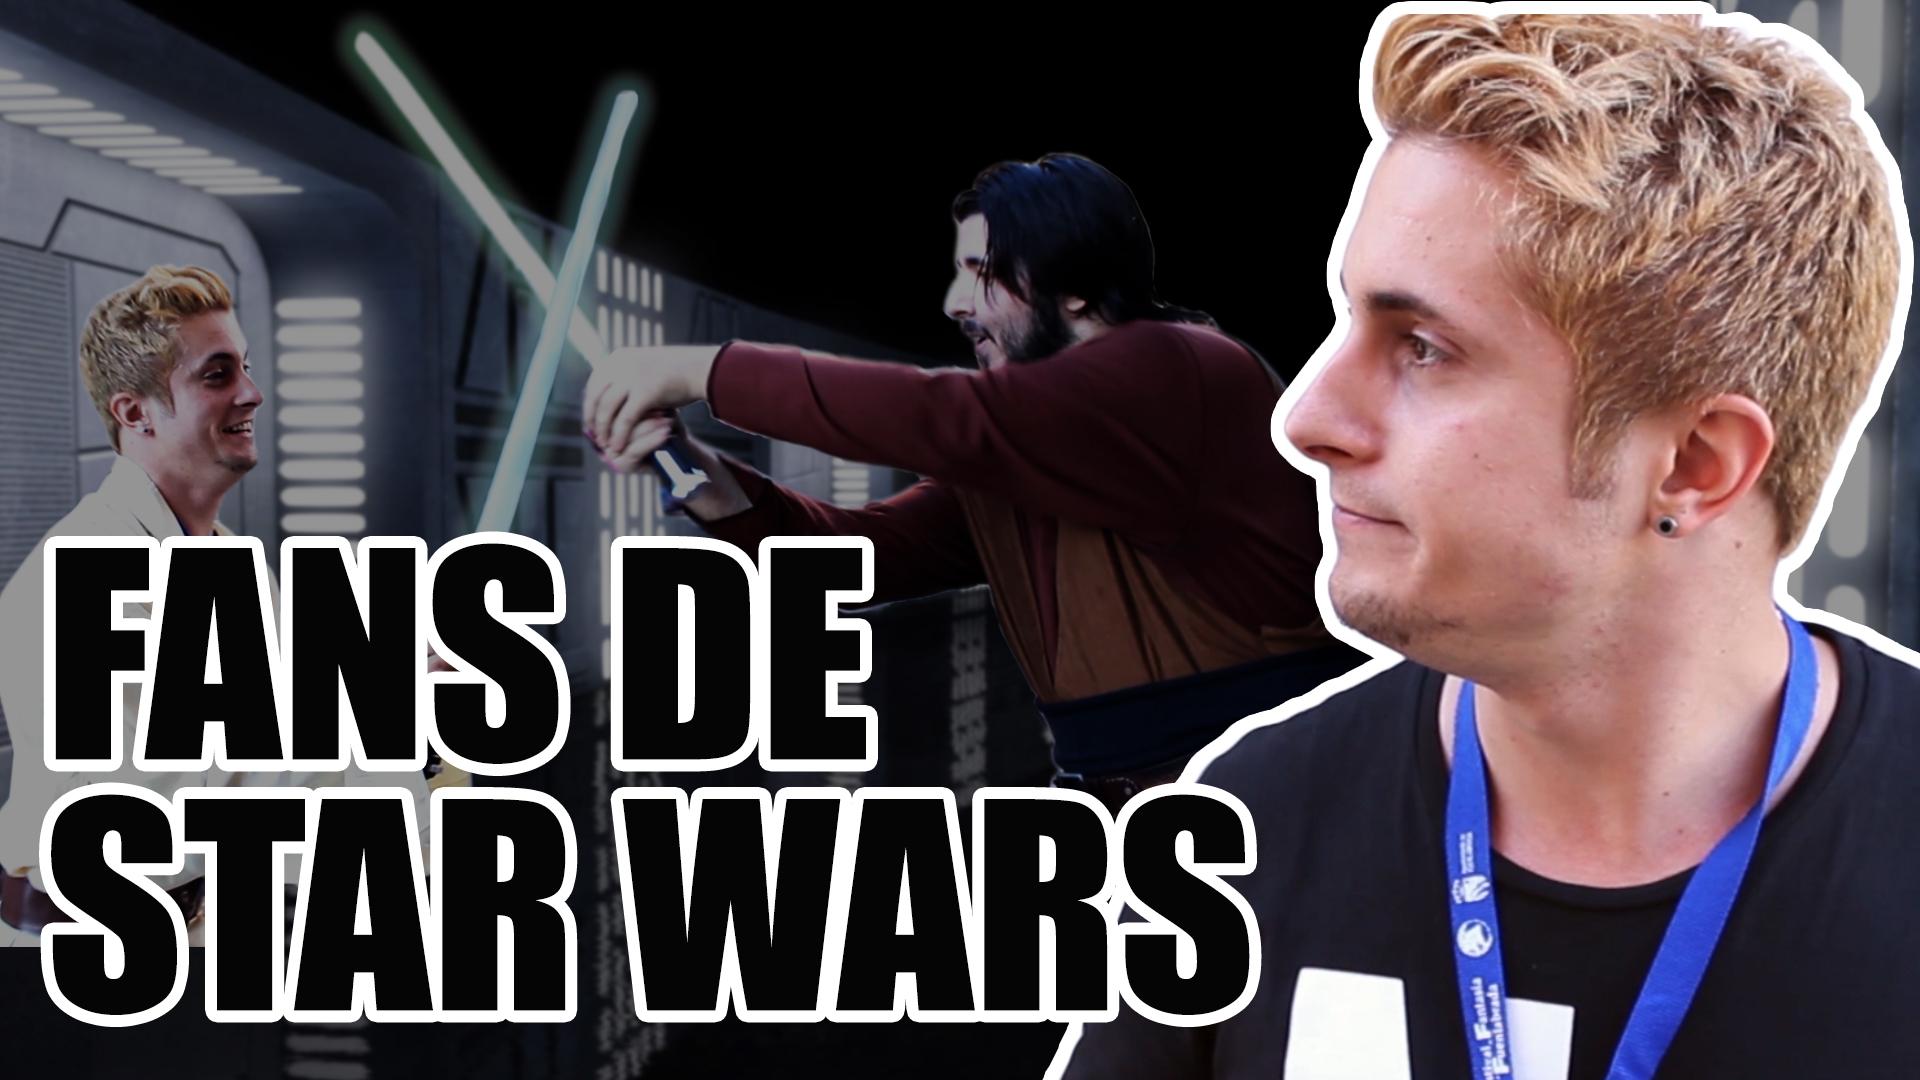 Temporada 1 Trolleando a fans de Star Wars